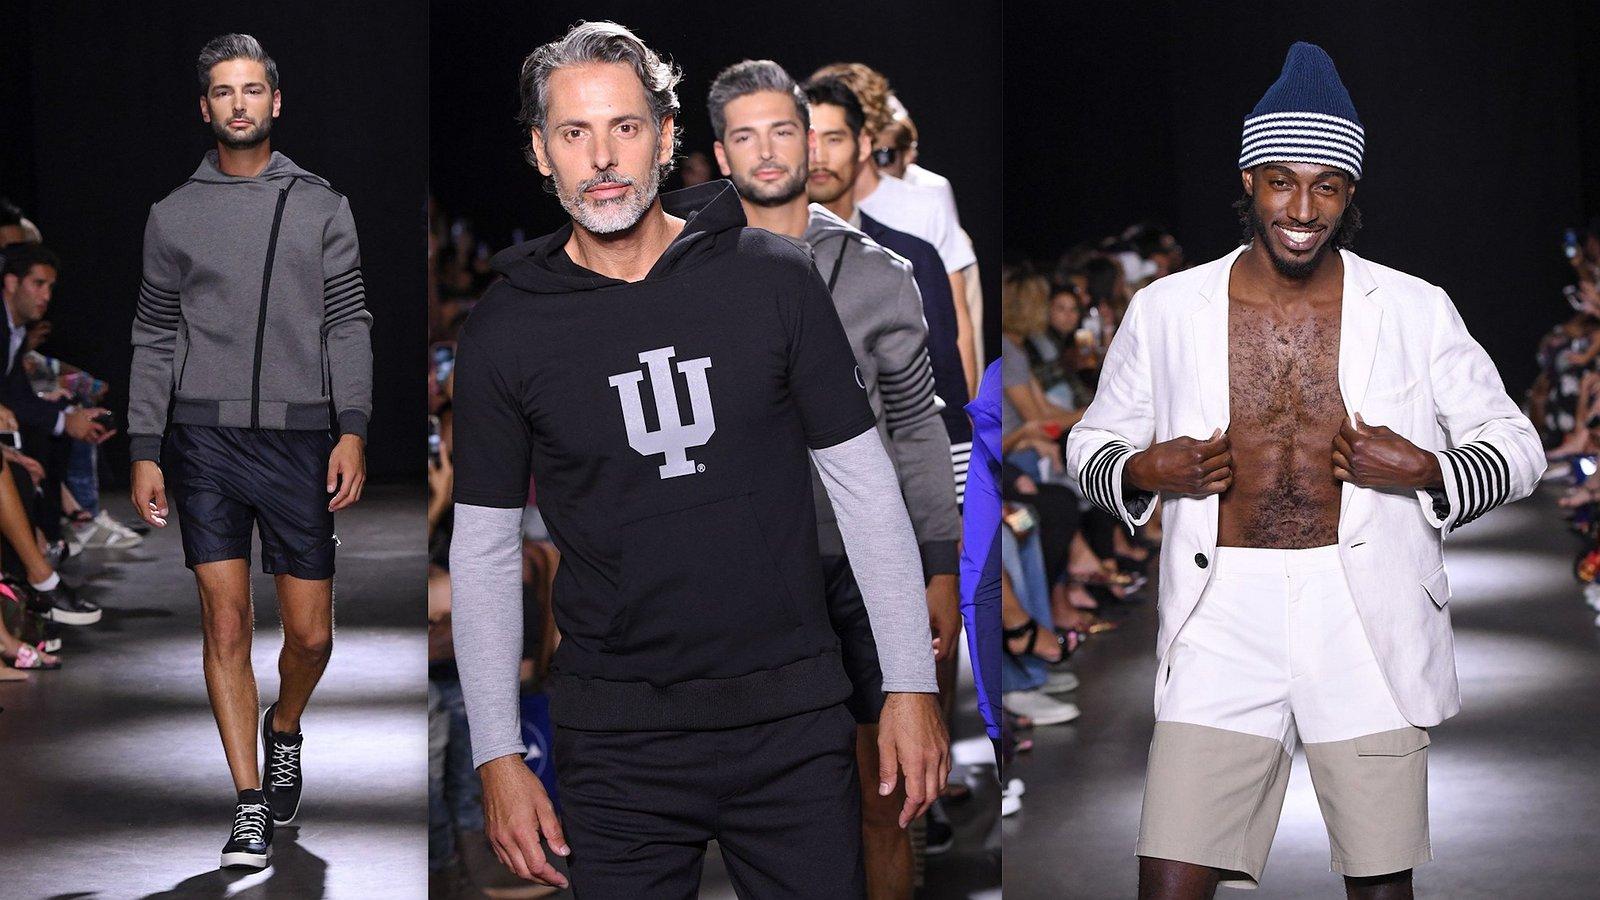 Foto's: daddy's en andere modellen op de catwalk voor modemerk